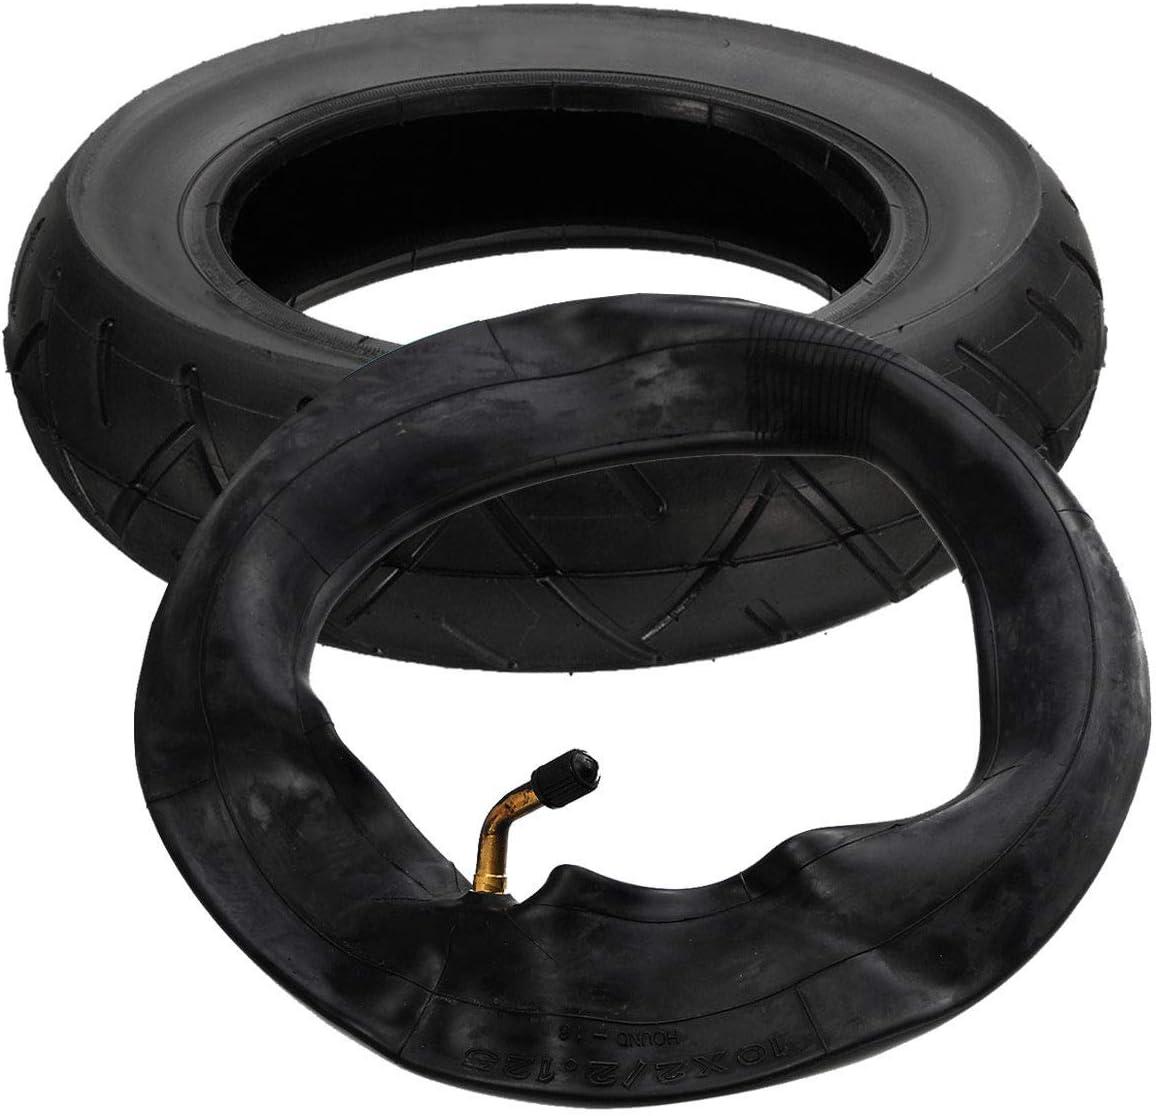 Monland 10 Zoll X 2,125 Zoll Reifen Und Innen Rohr F/ür Selbstabgleichenden Elektroroller